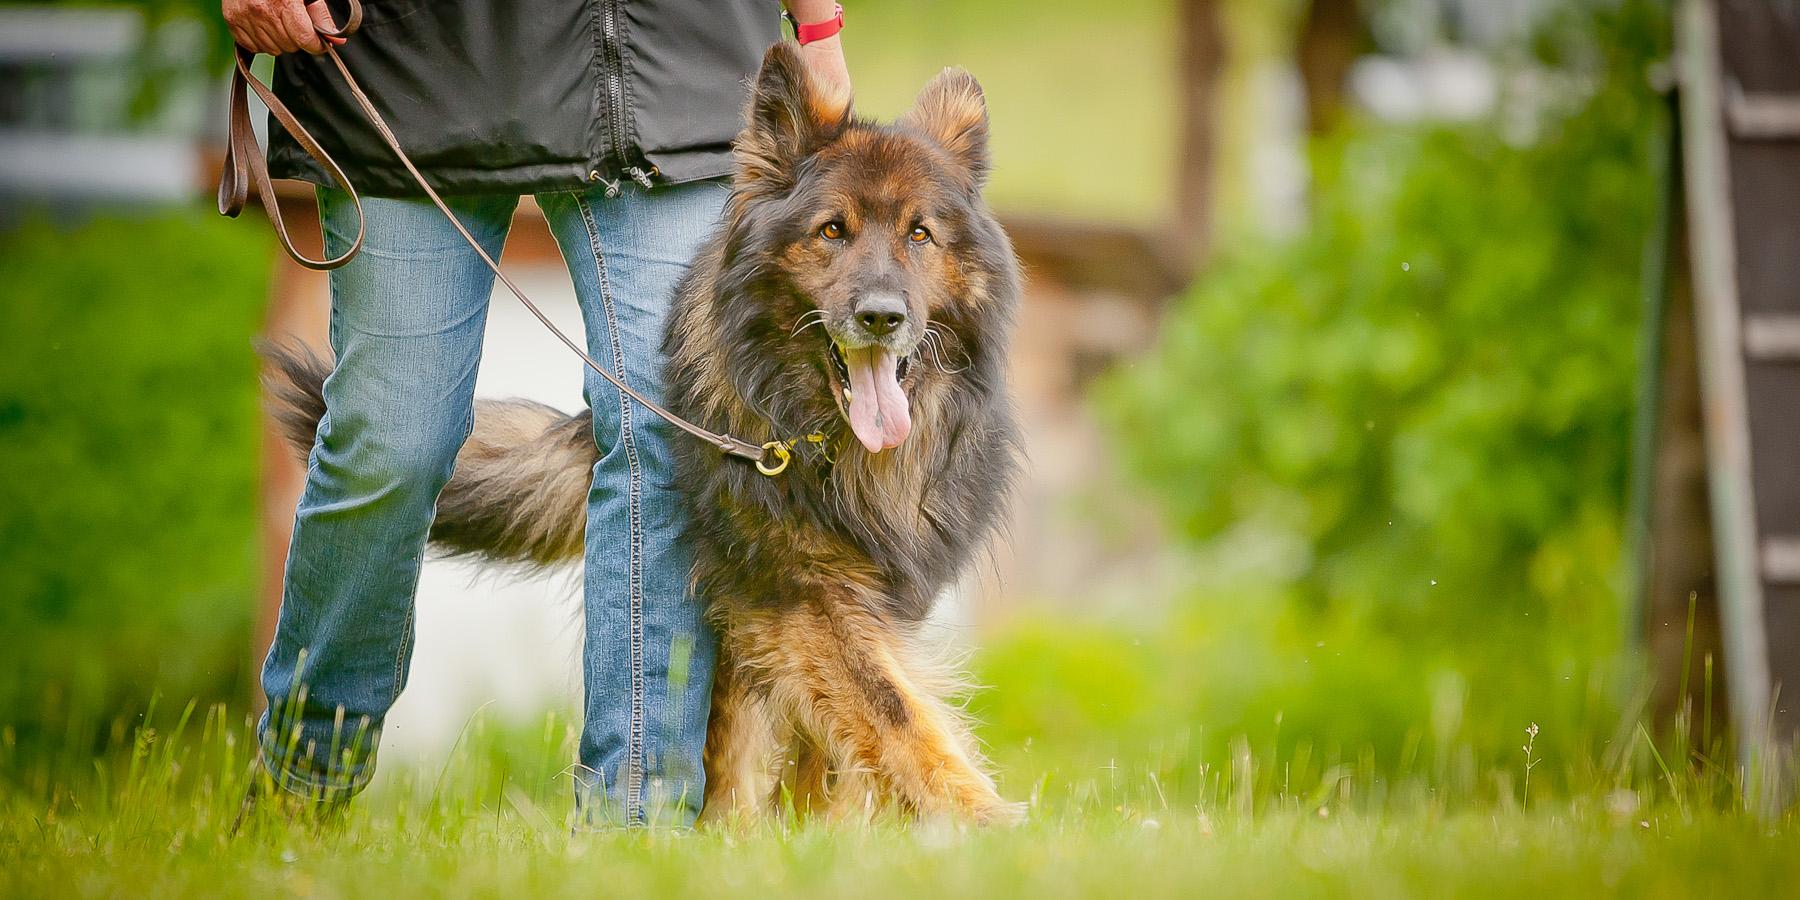 Die Tierarztpraxis Grath bietet auch Sterbehilfe an und erklärt dabei wie Euthanasie vor sich geht